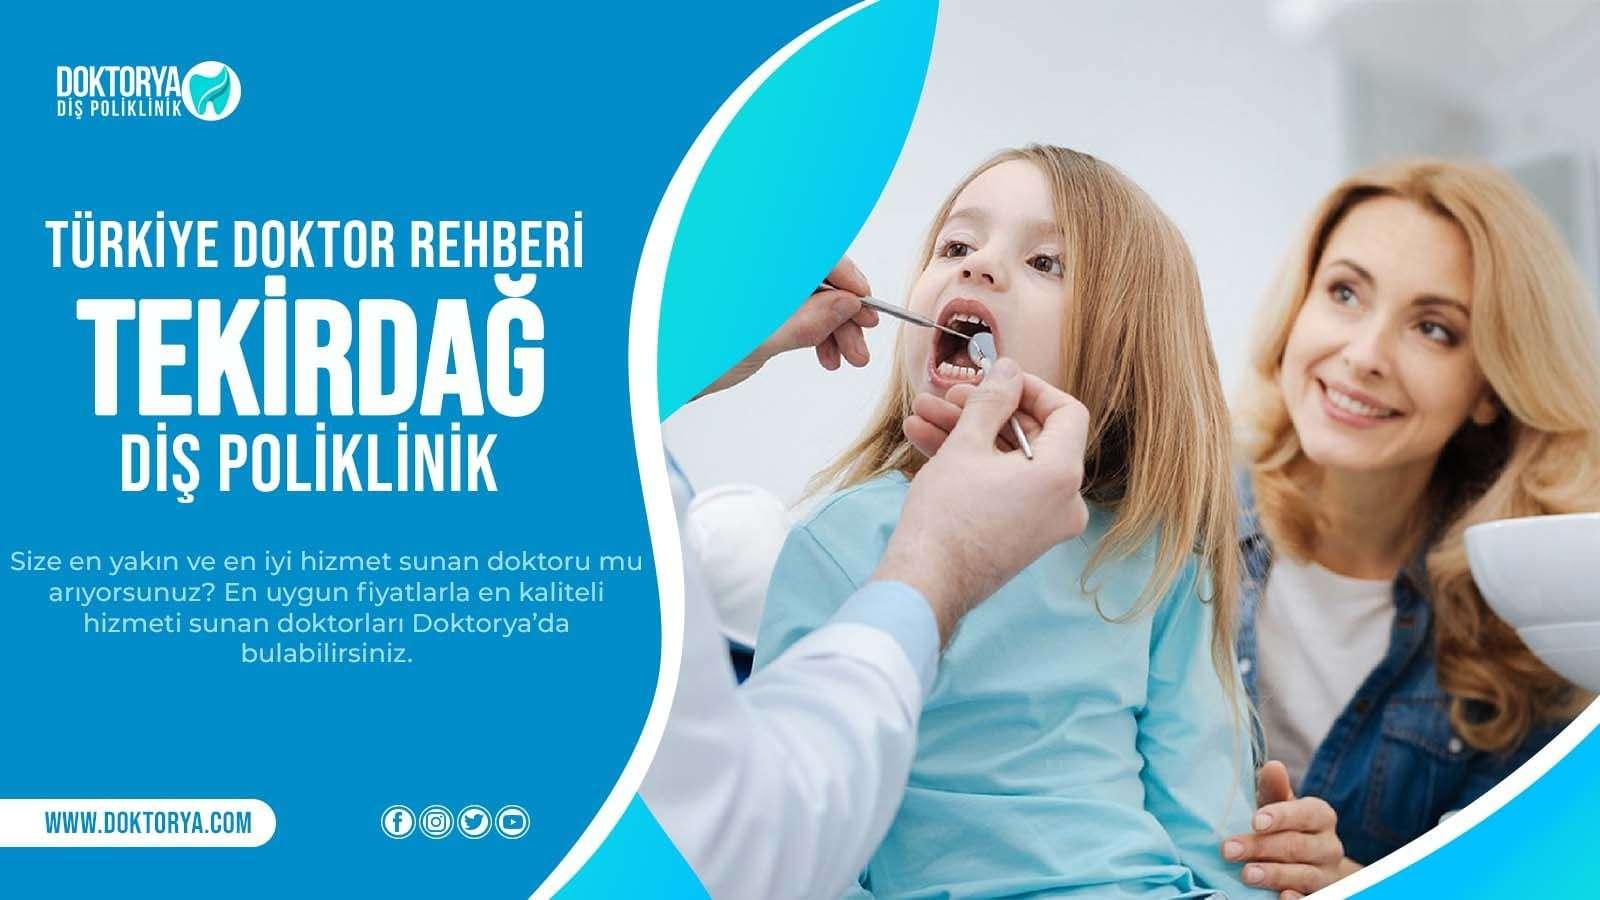 Tekirdağ Diş Poliklinik